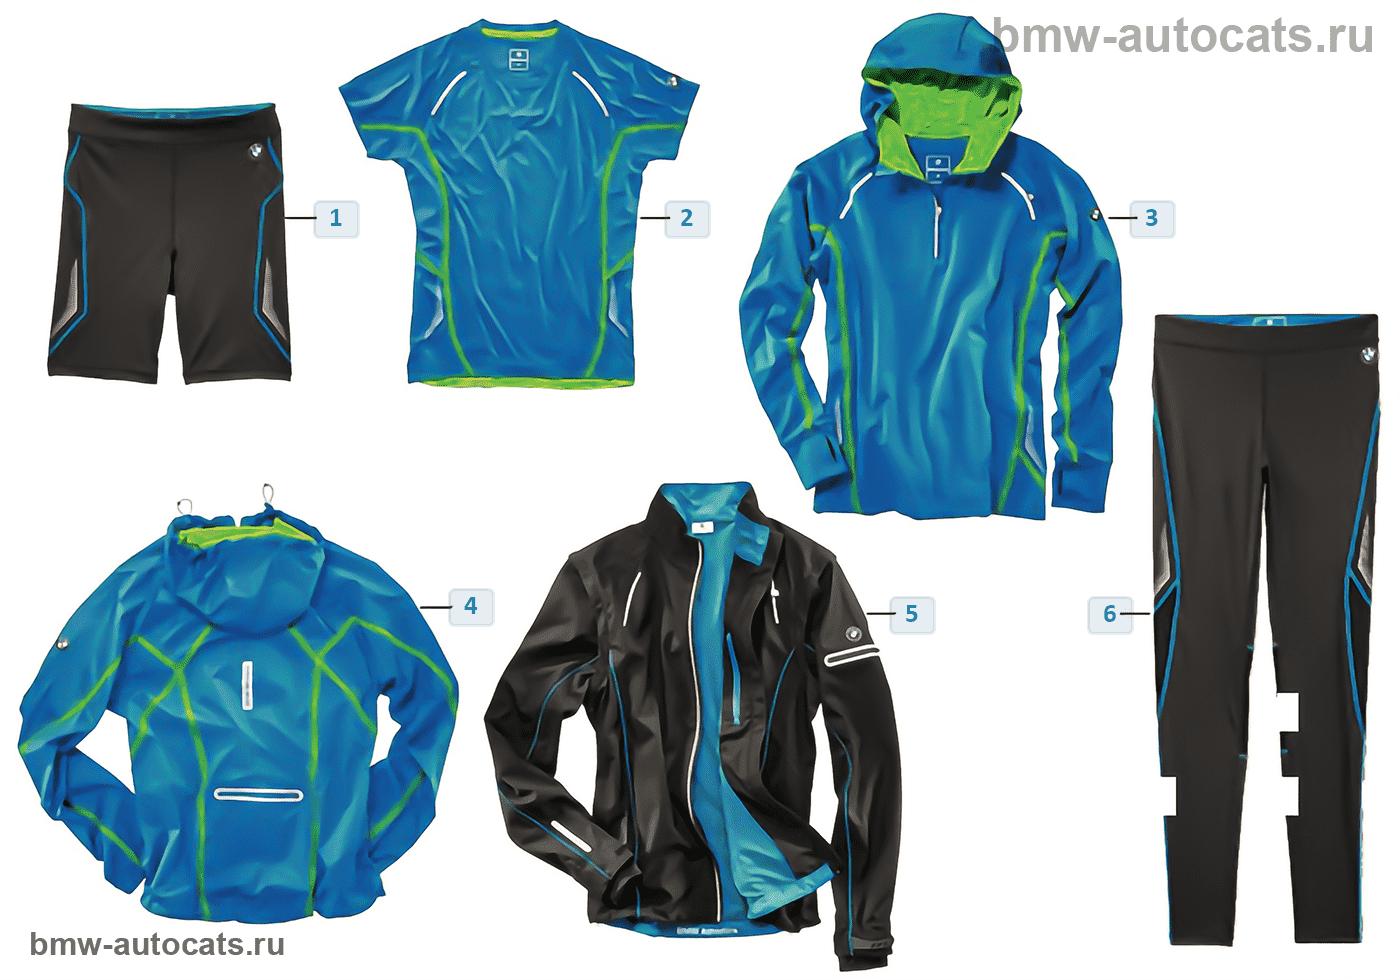 BMW Athletics — Мужская одежда 2015/17